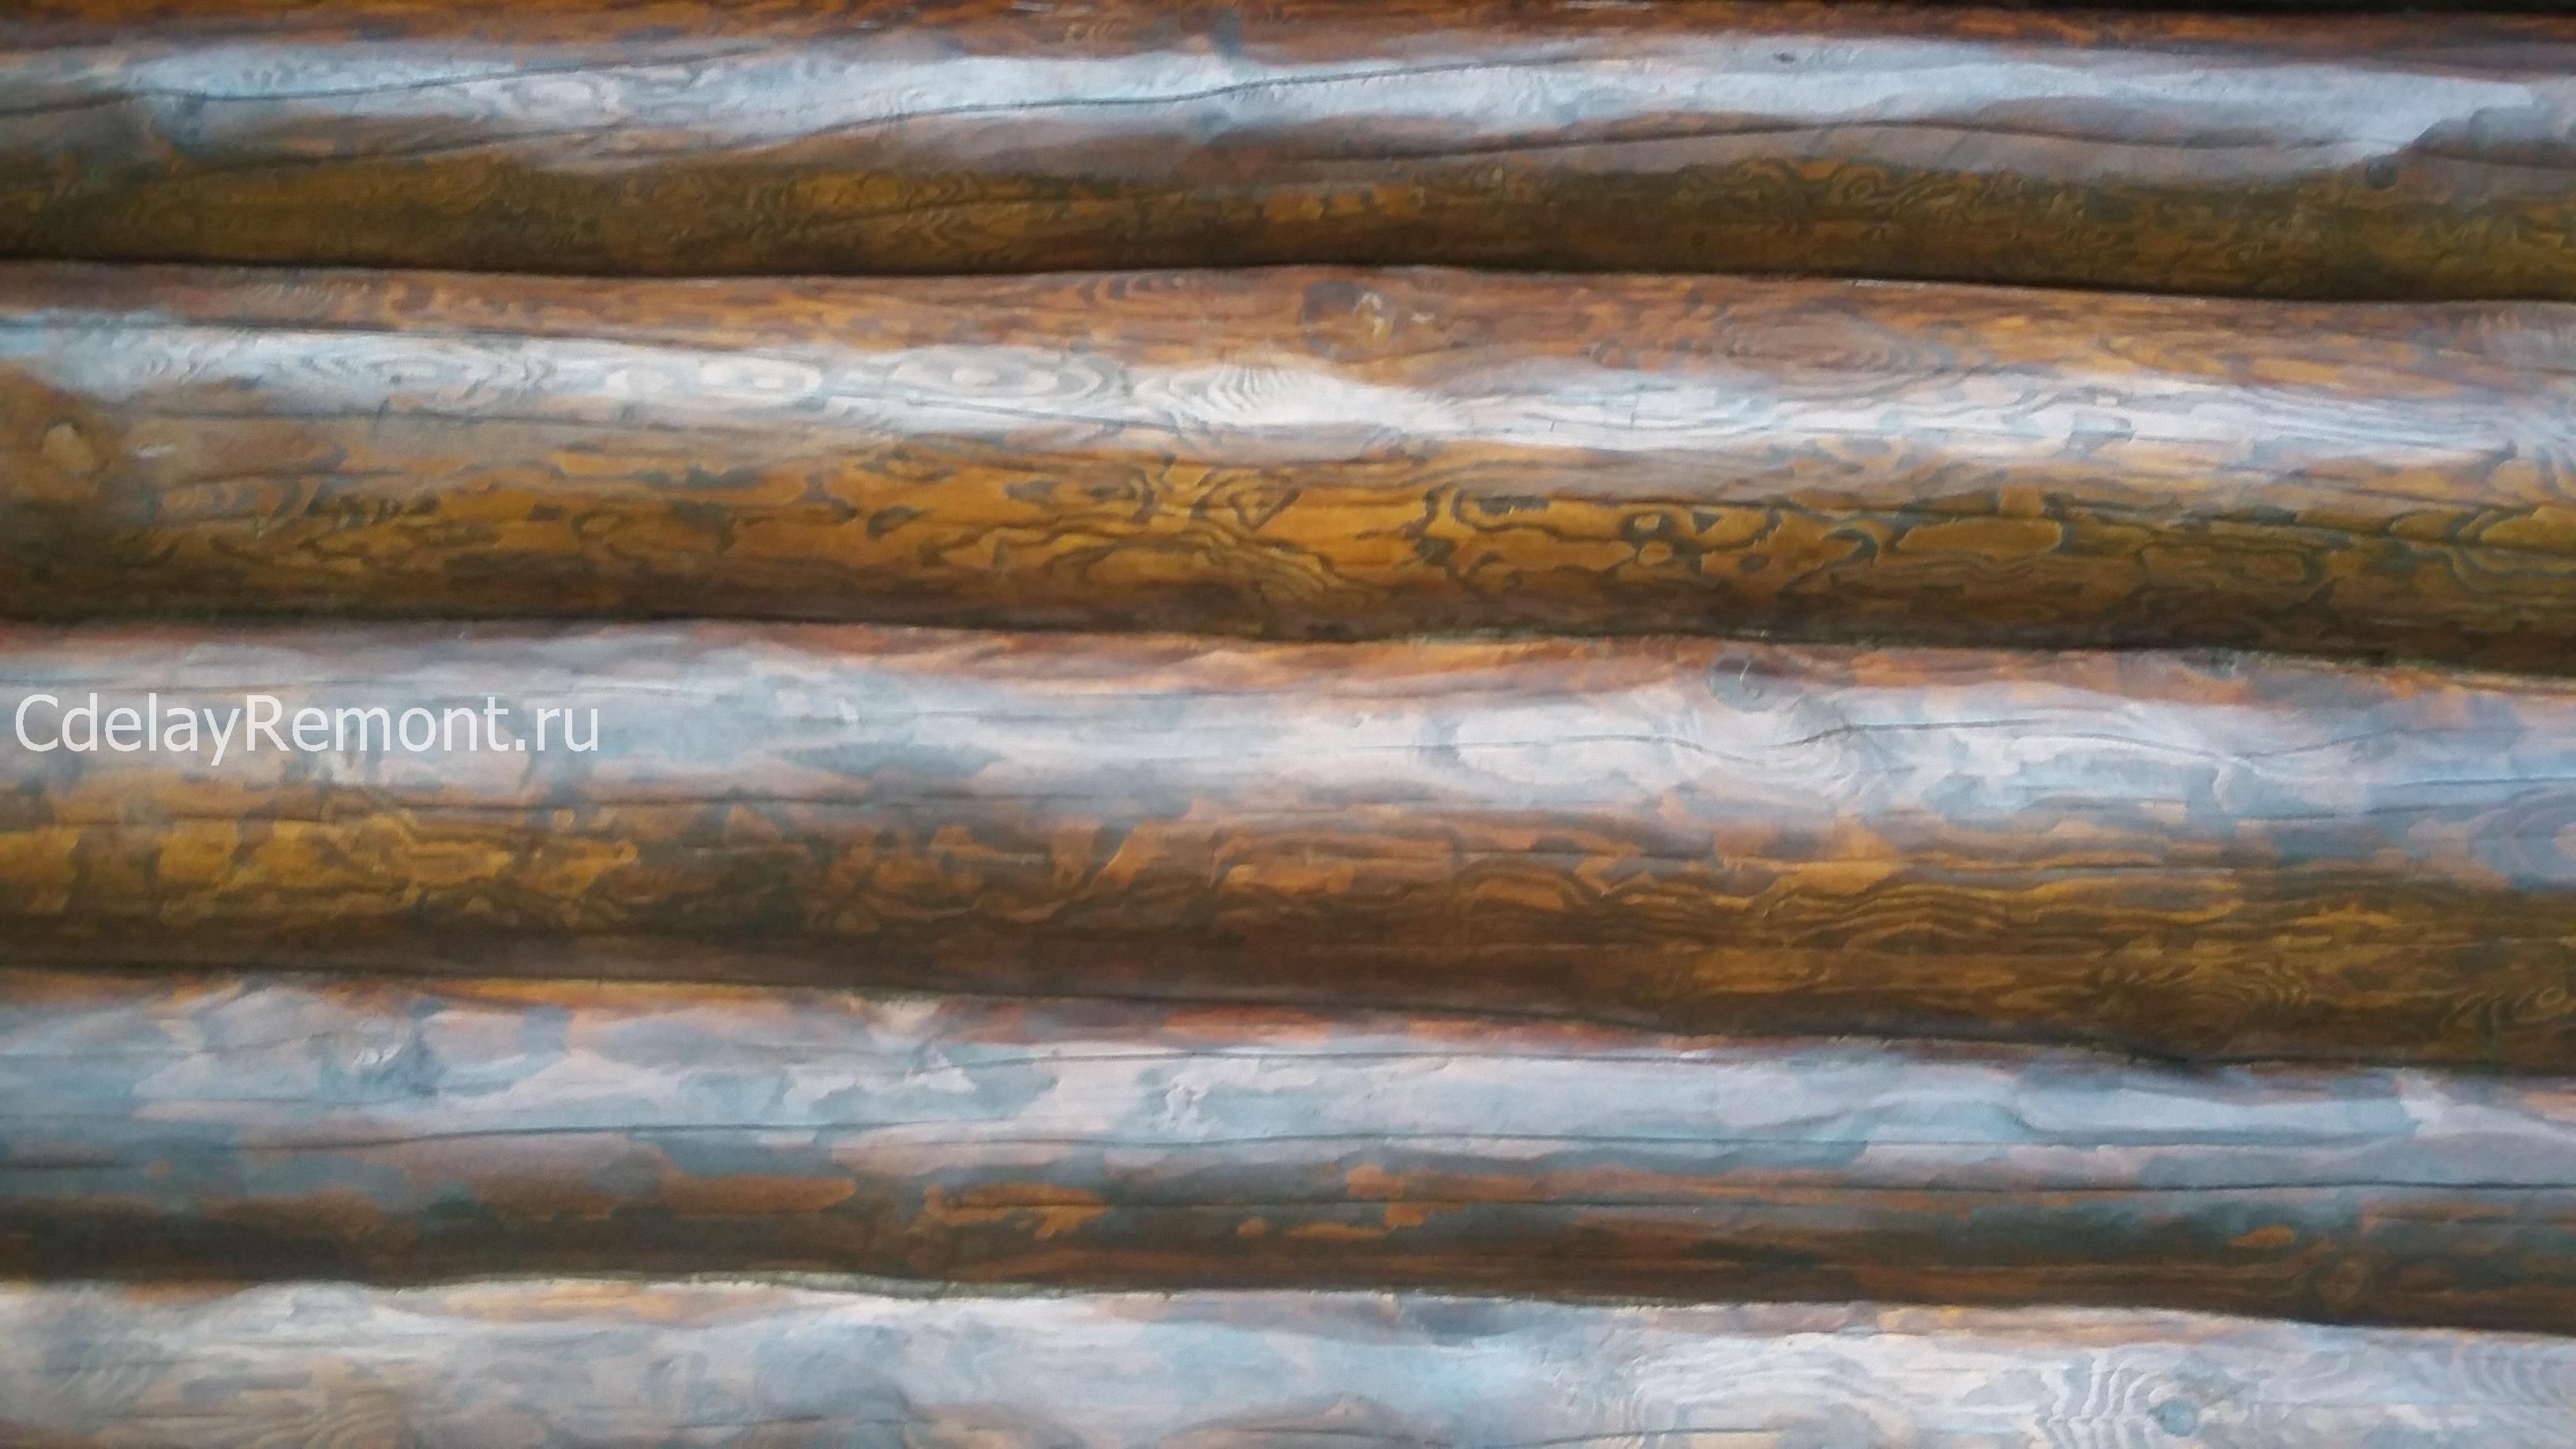 Второй слой лессирующего состава на шлифованных бревнах